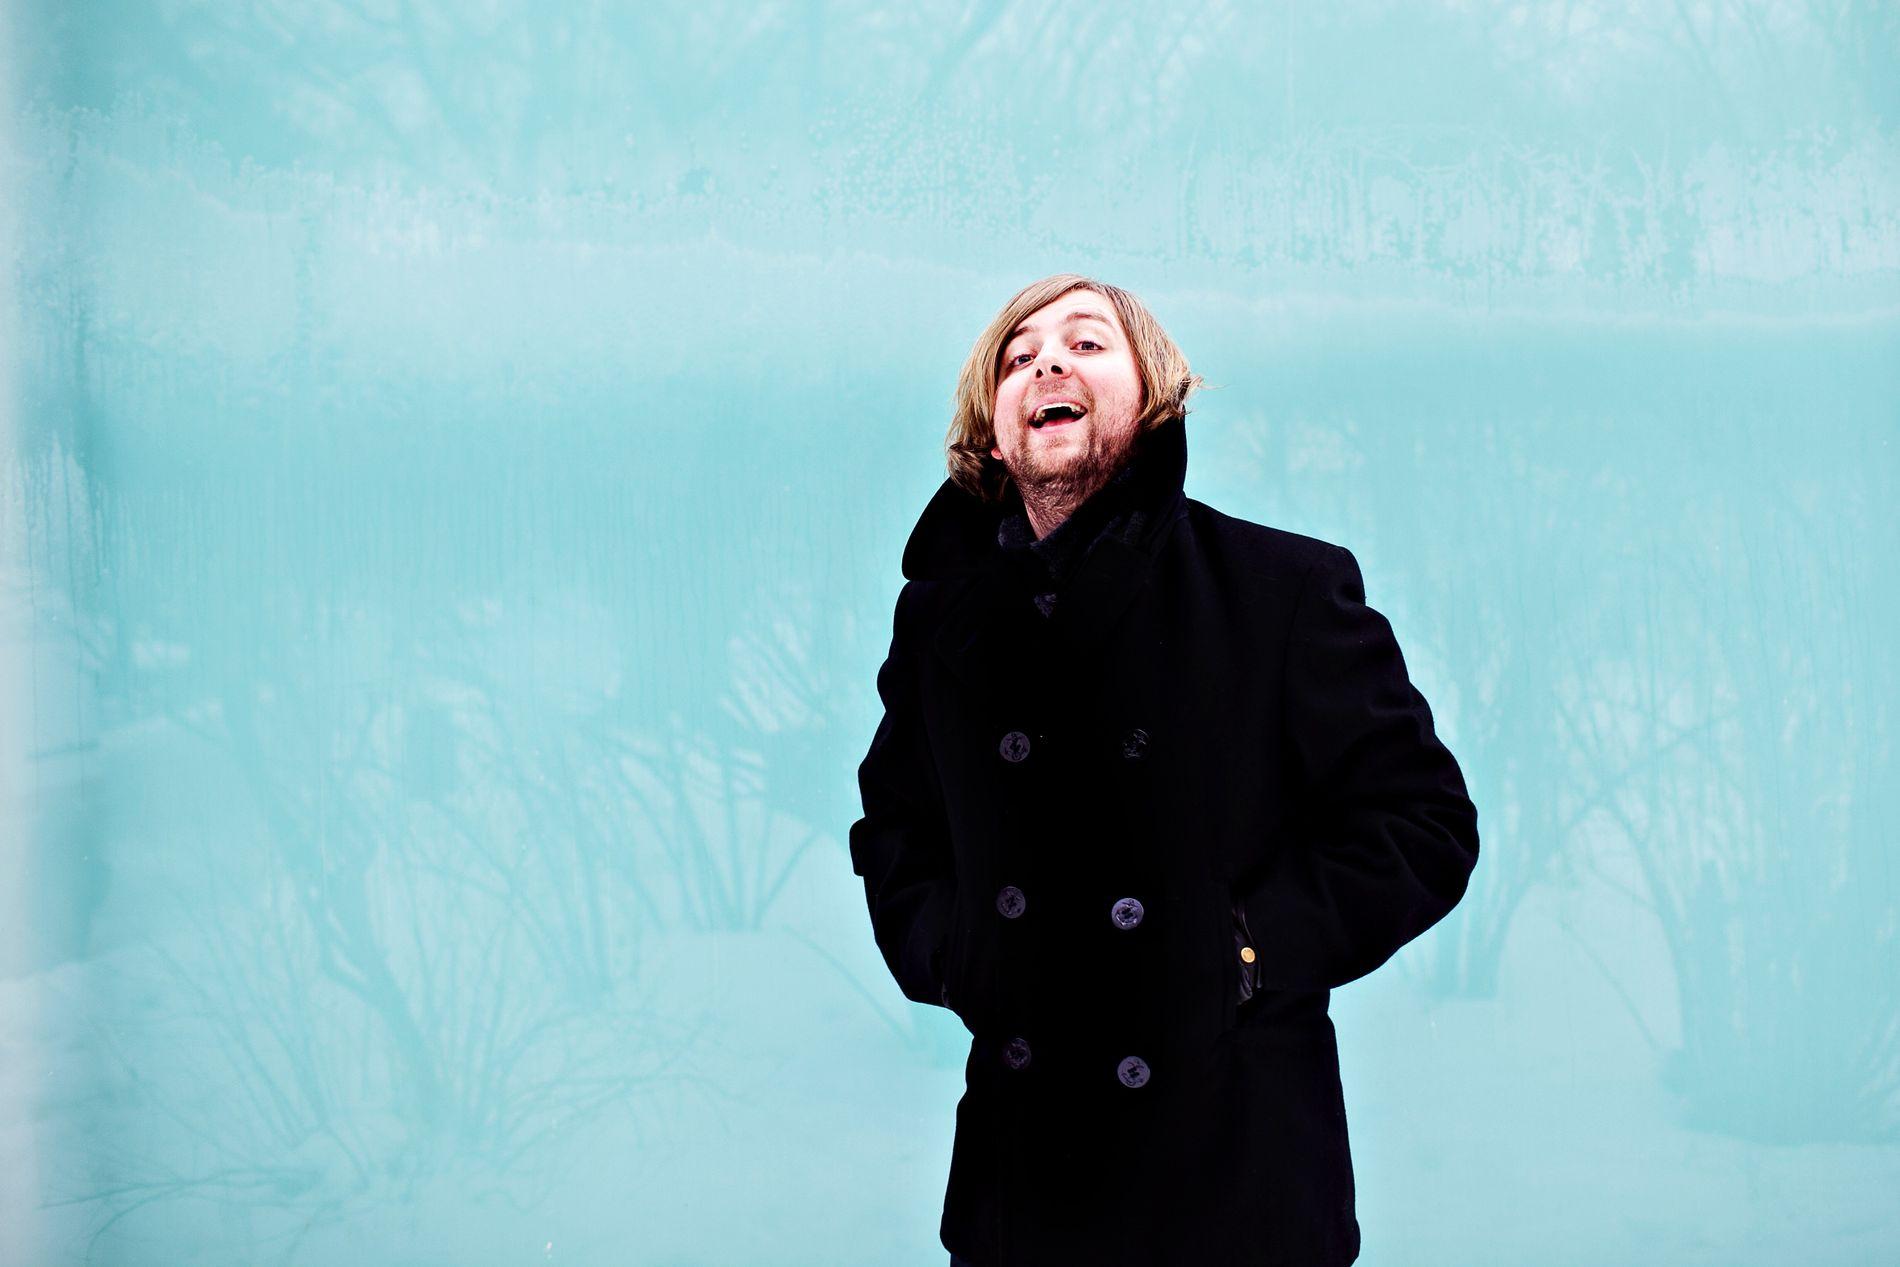 KOMIKER: Martin Beyer-Olsen er en norsk komiker og programleder, blant annet i «Underholdningsavdelingen» og «Martin og Mikkelsen» på NRK.